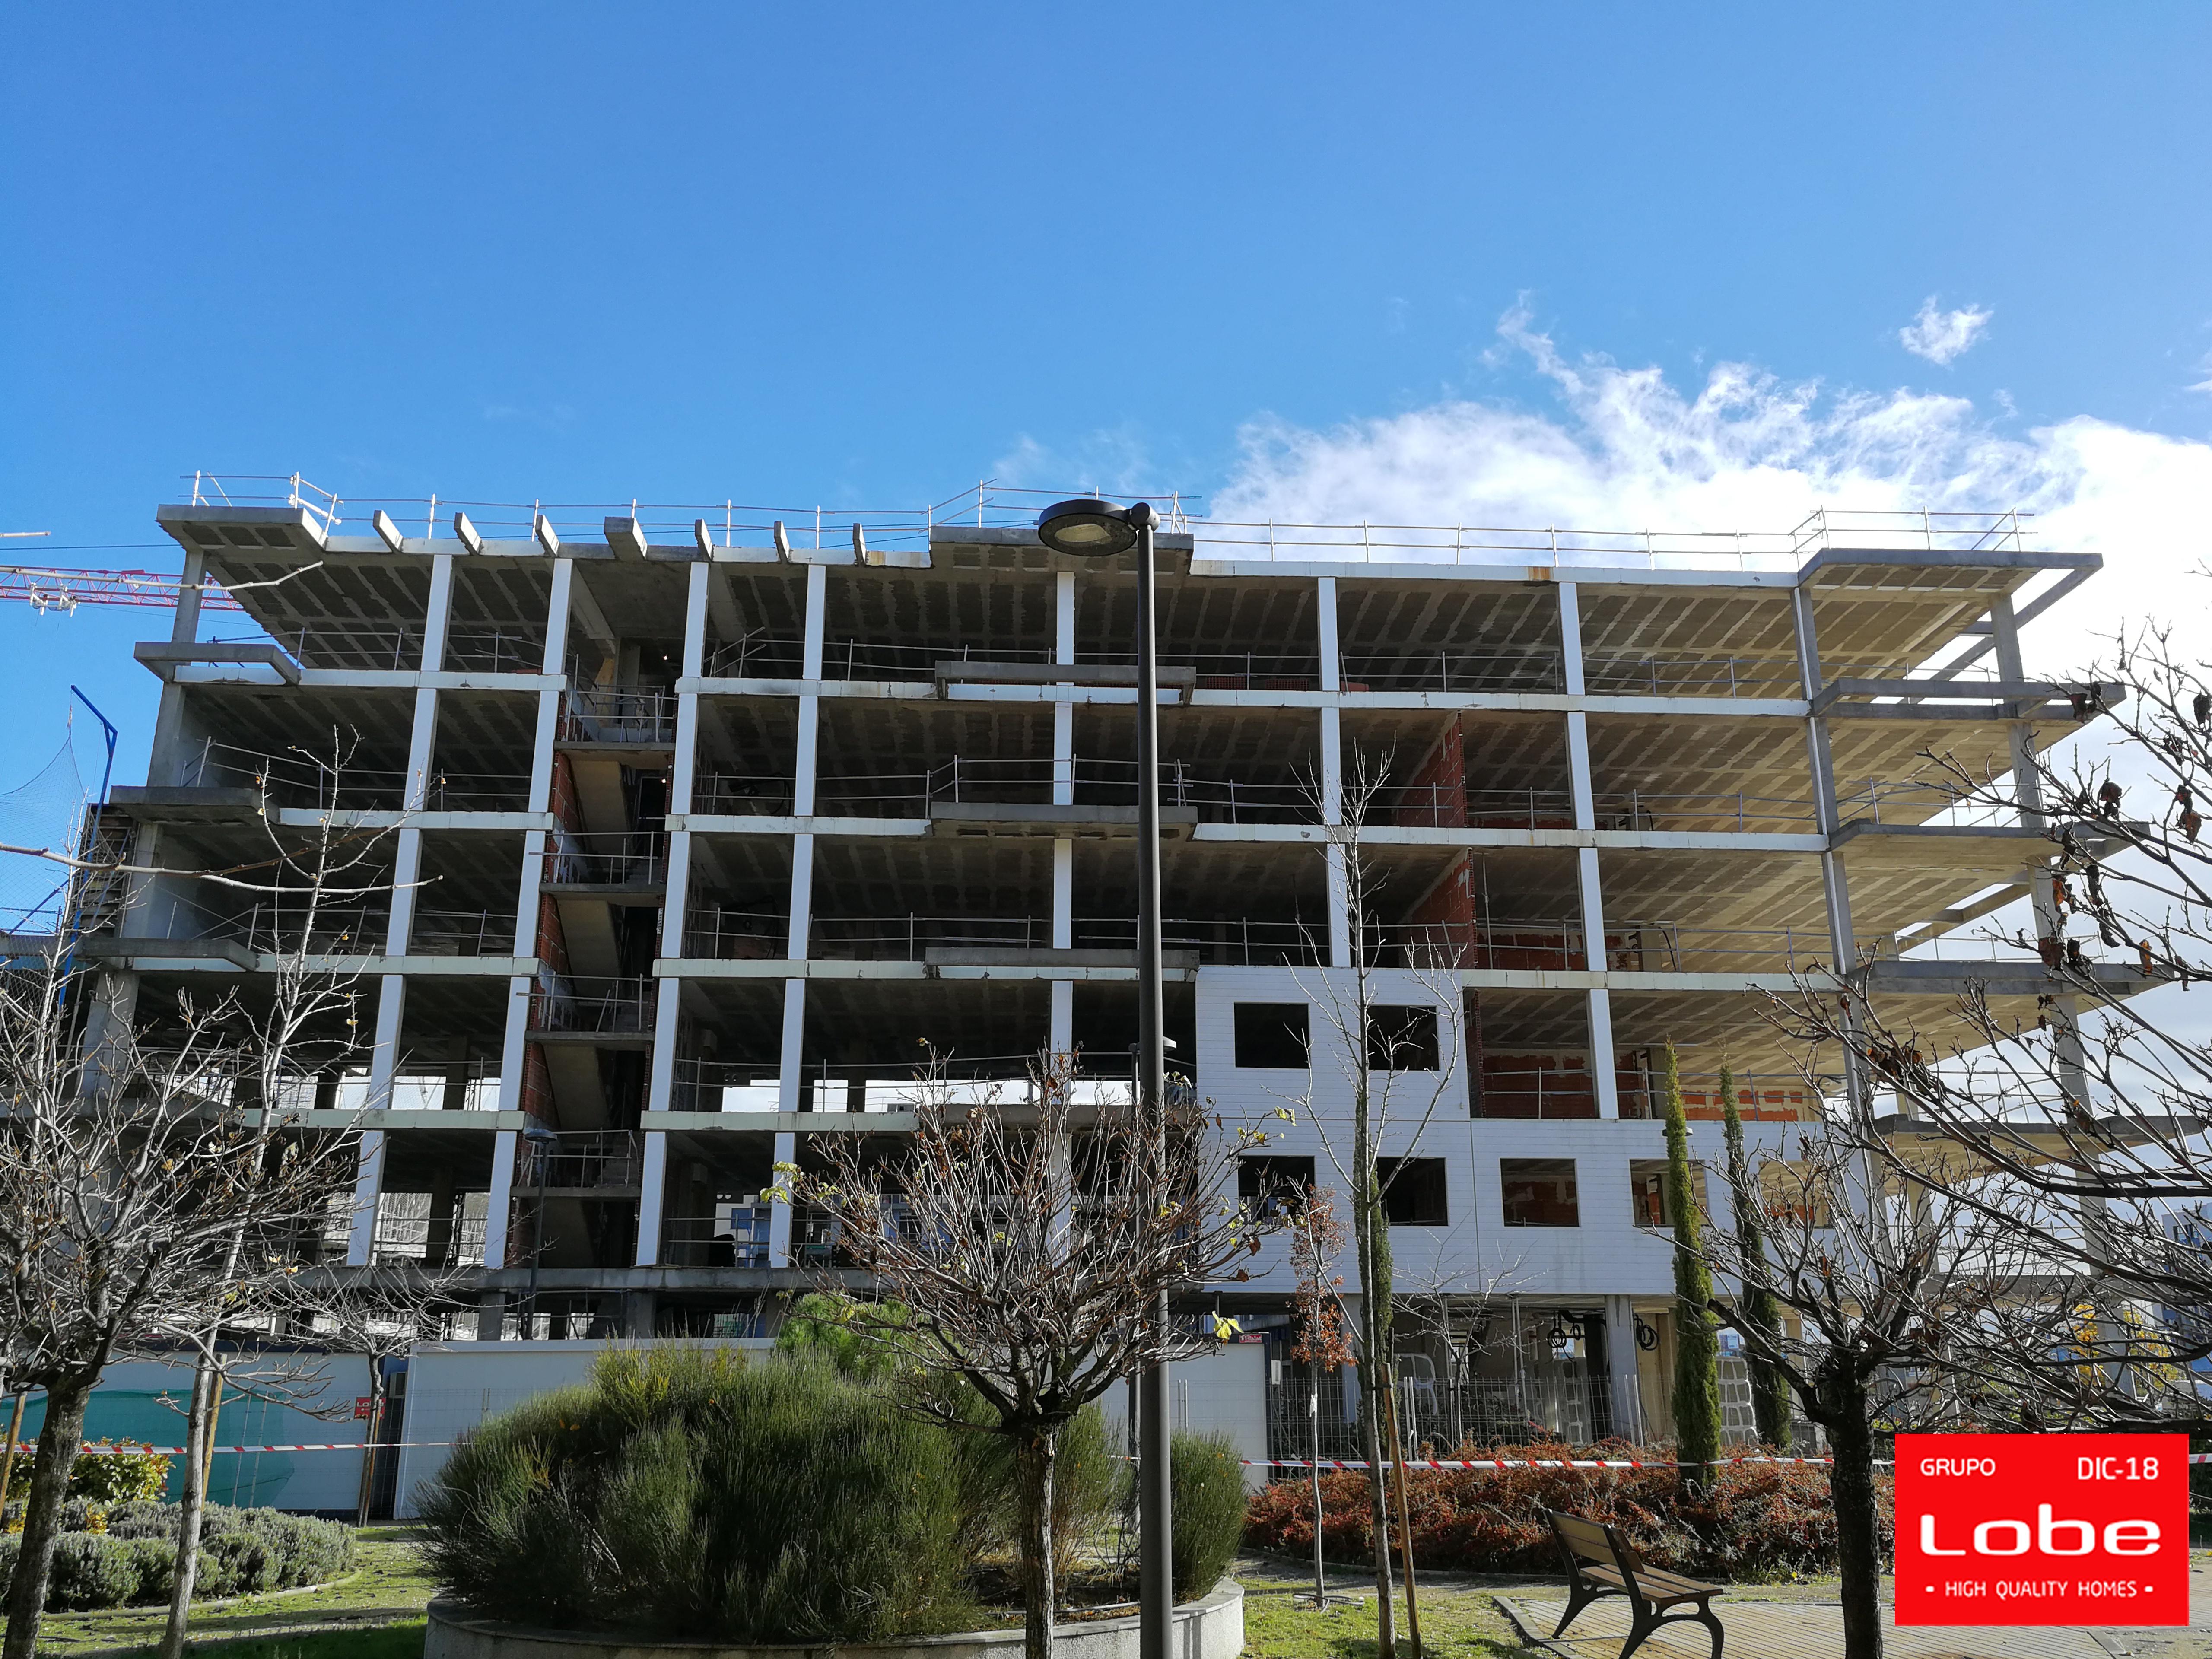 Imagen de la noticia sobre Avance de las obras en Madrid. Edificio Infinity y Zucchero